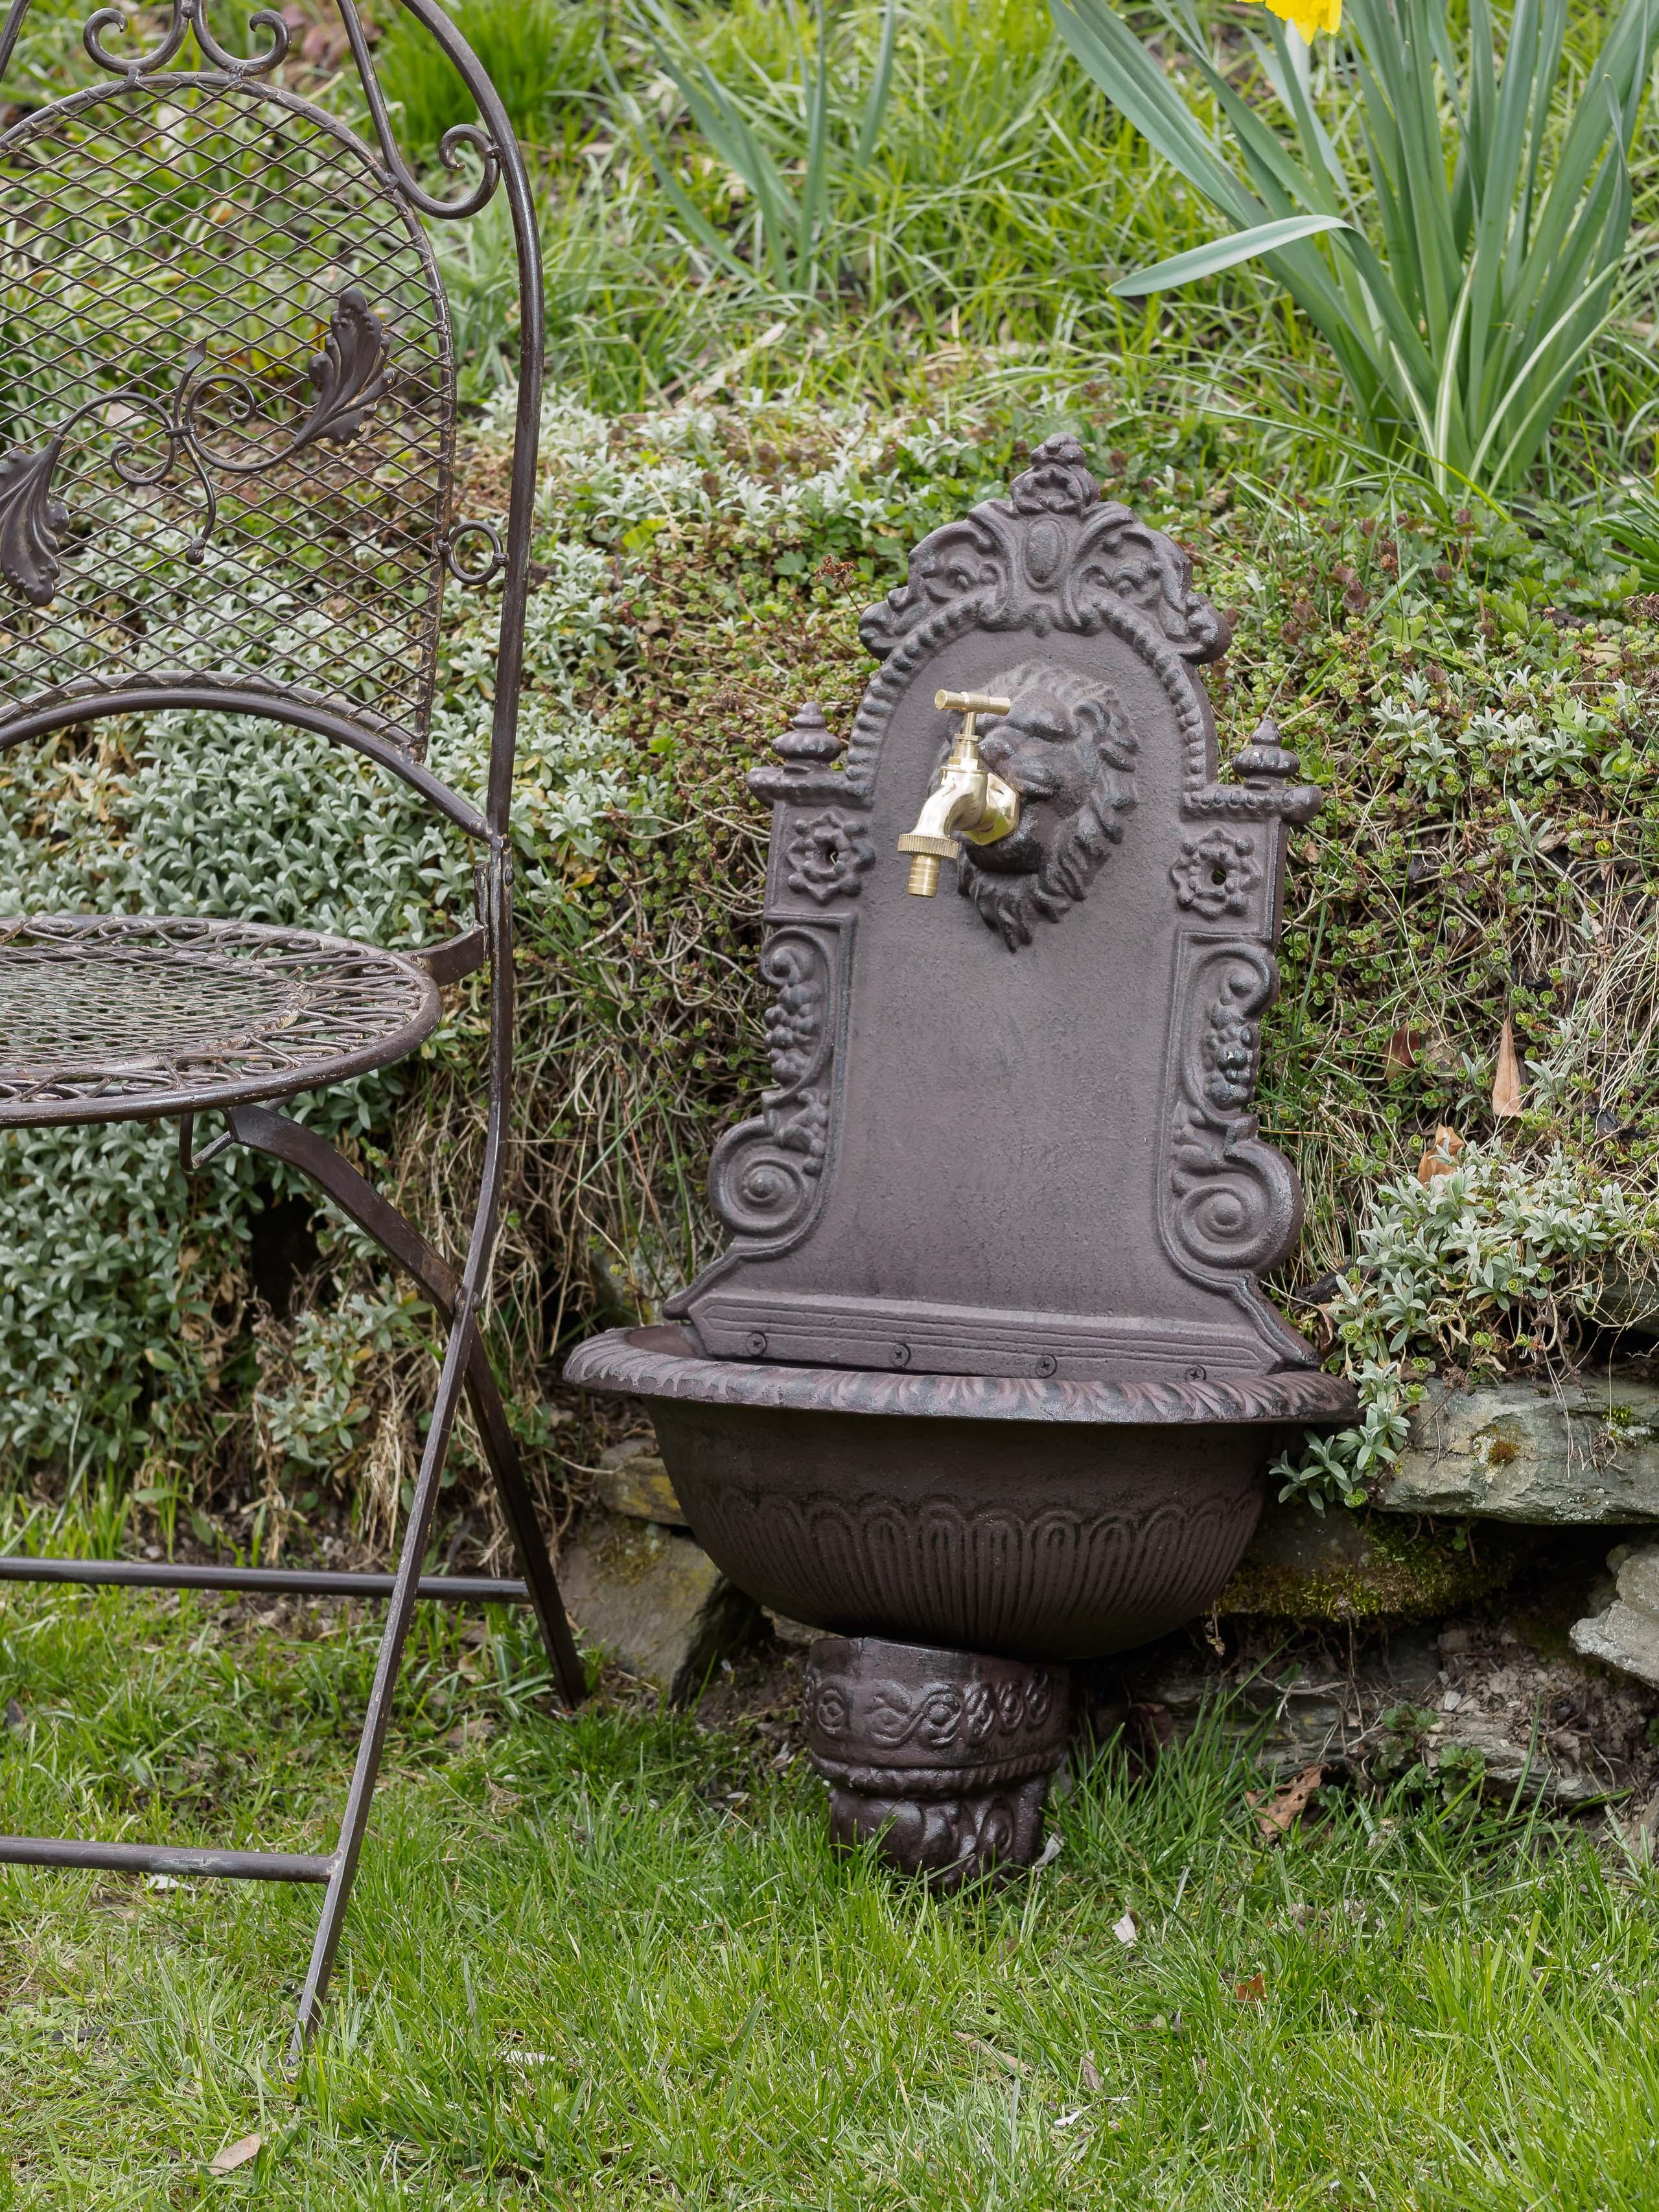 Waschbecken Wandbrunnen Garten Eisen Nostalgie Antik-Stil Löwe Brunnen braun